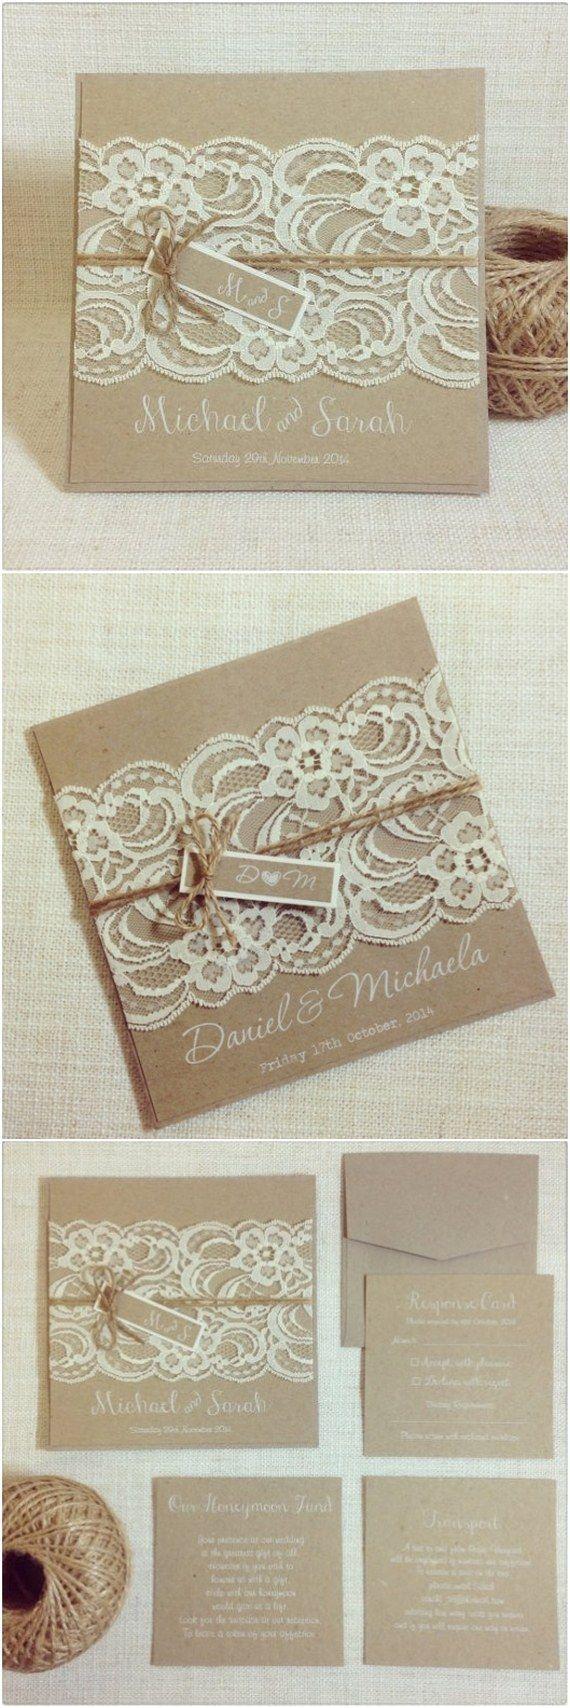 Rustic Vintage Lace Square Wedding Invitations / www.deerpearlflow…